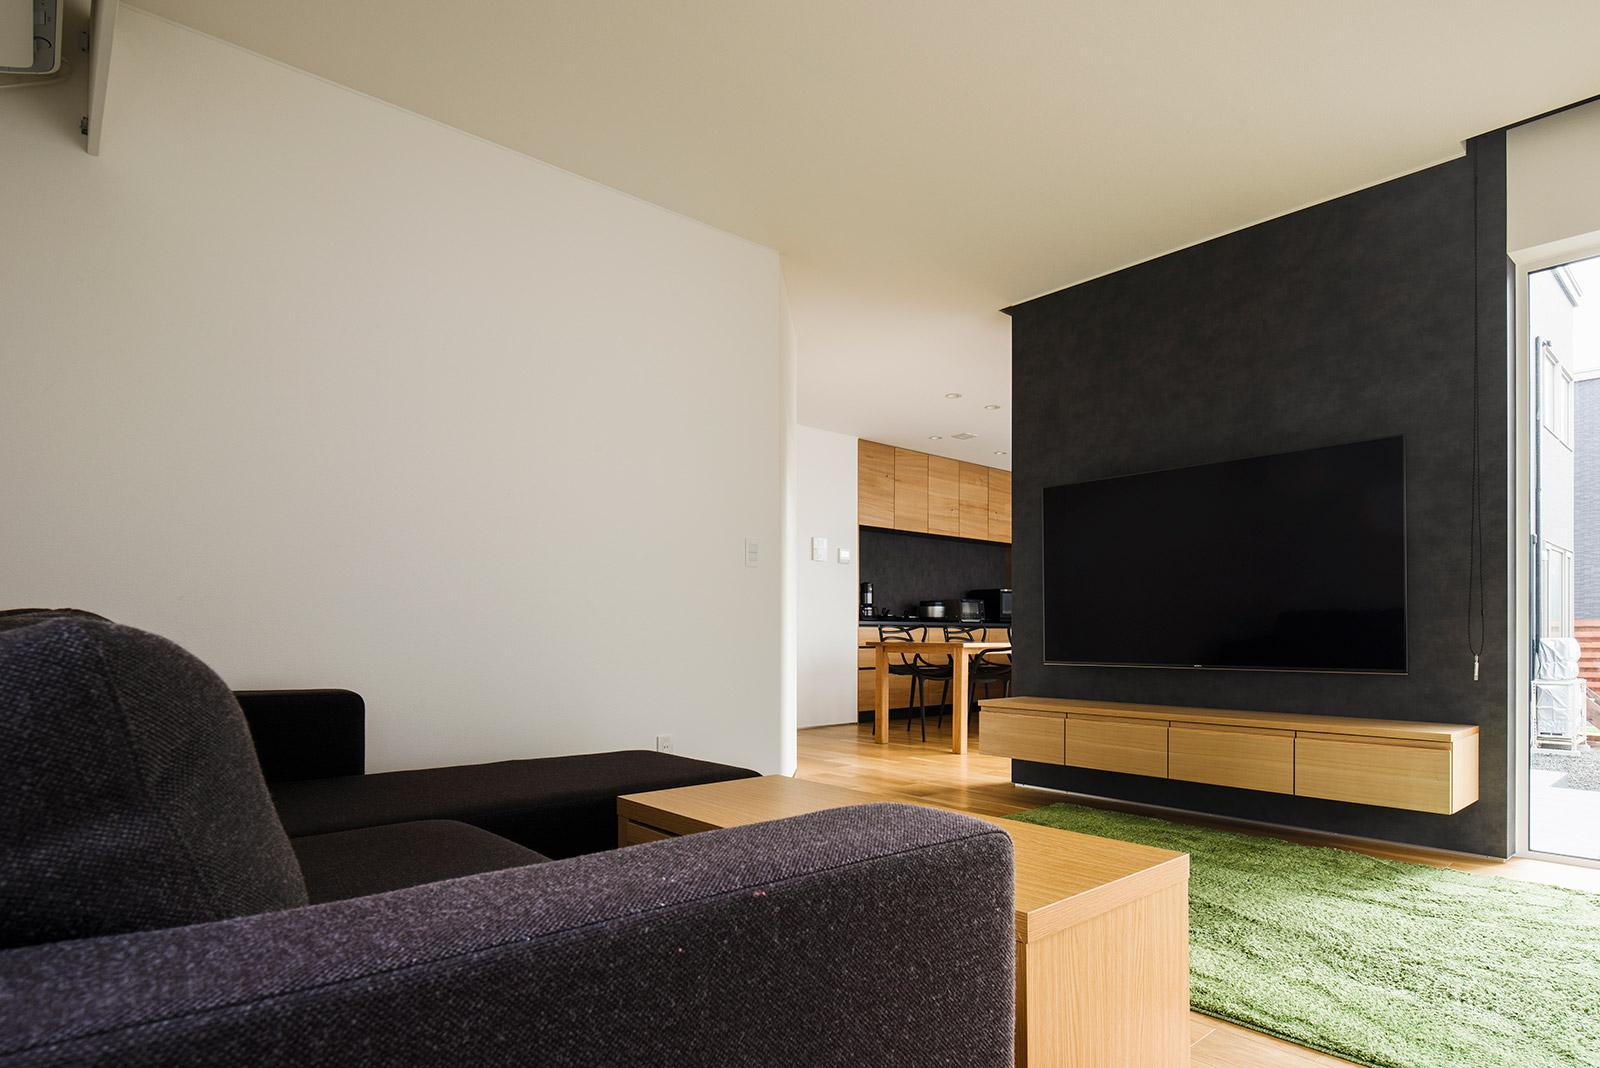 落ち着いた雰囲気のリビング。アクセントウォールと造作テレビ収納がくつろぎ空間をスタイリッシュに演出する